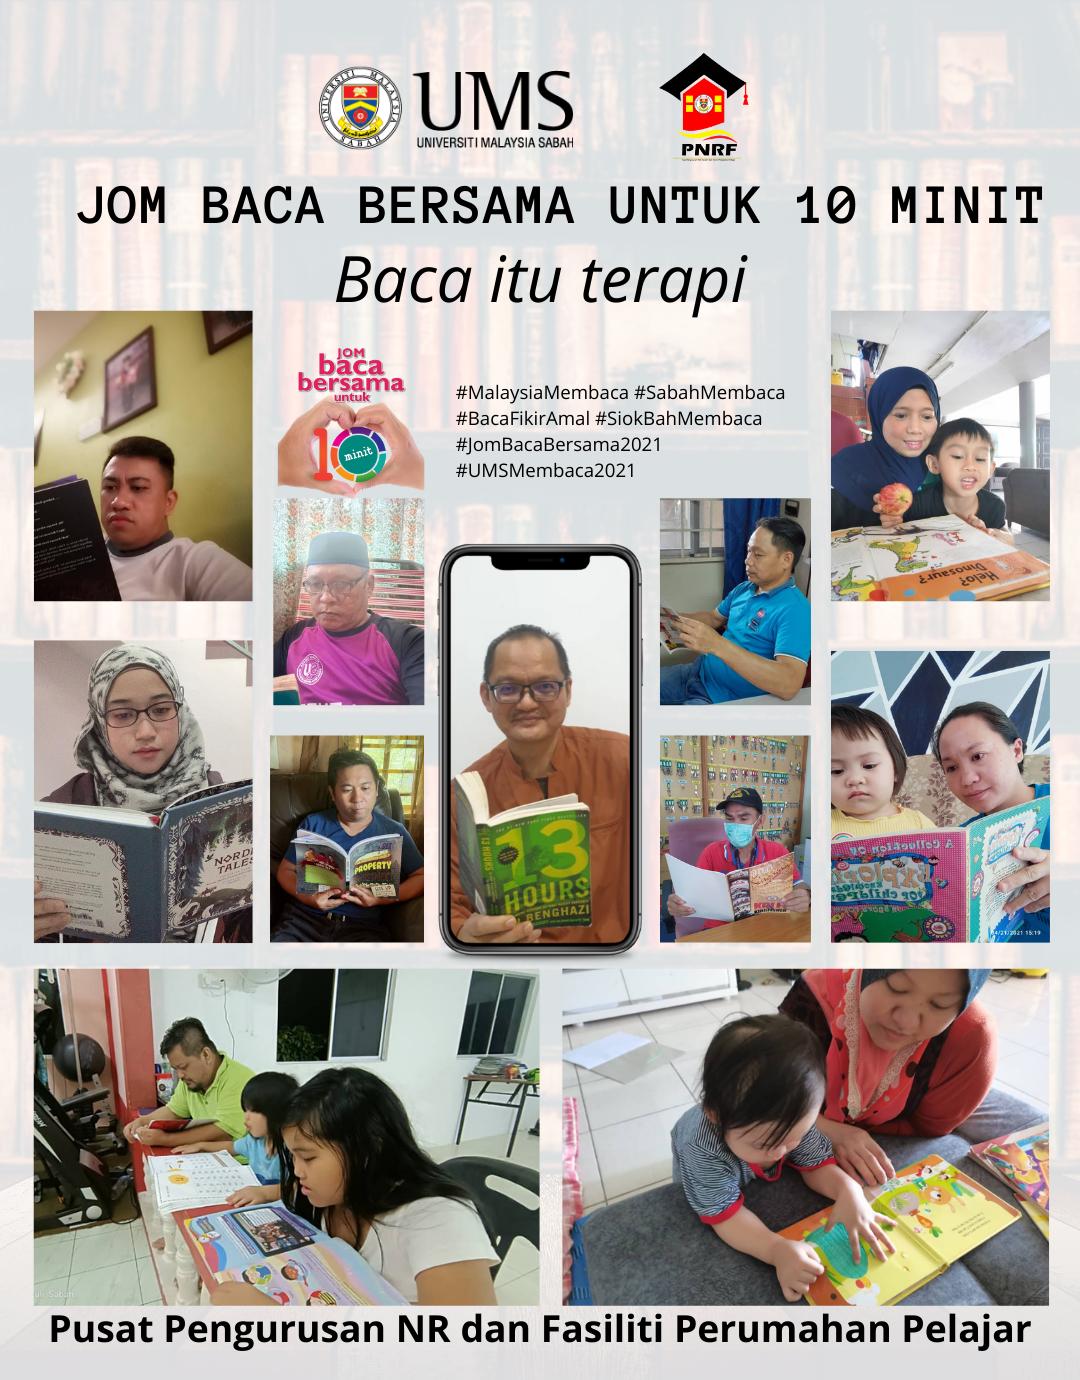 Jom baca bersama untuk 10 minit